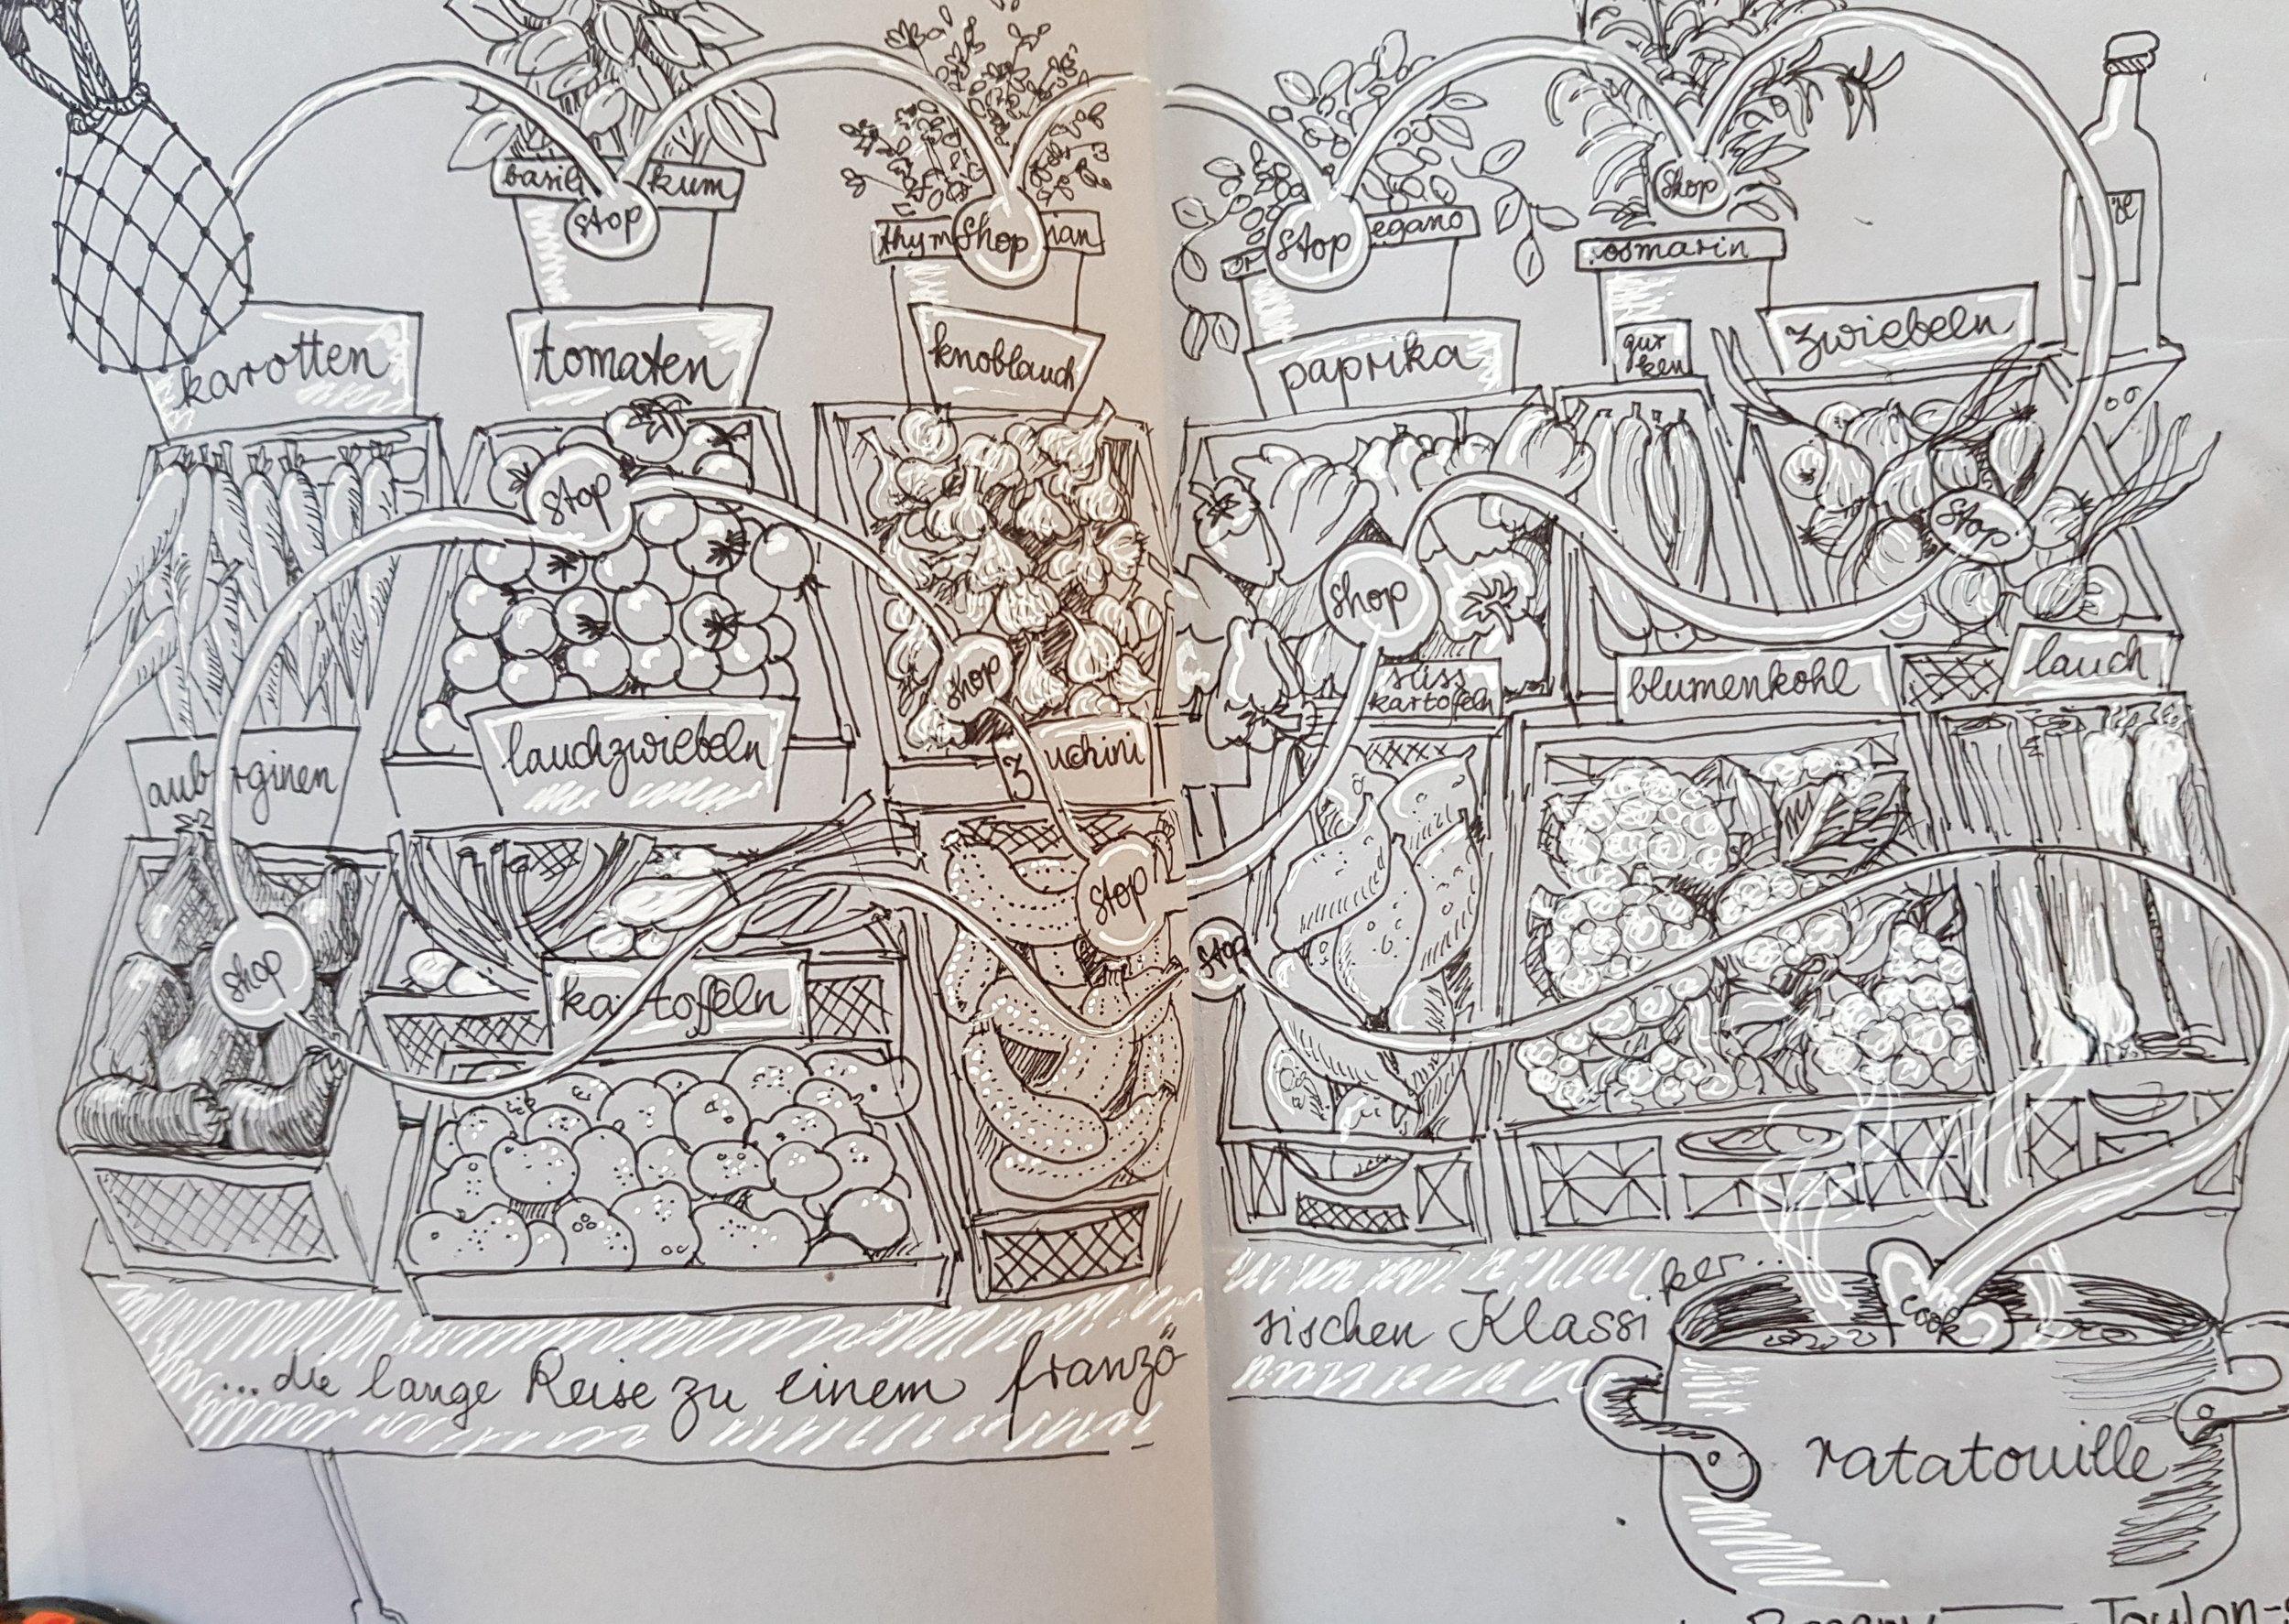 Den Weg zu einem typisch französischen Ratatouille durch die überreich bestückte Gemüsetheke im Carrefour zu finden, braucht auch ein bisschen Anleitung…